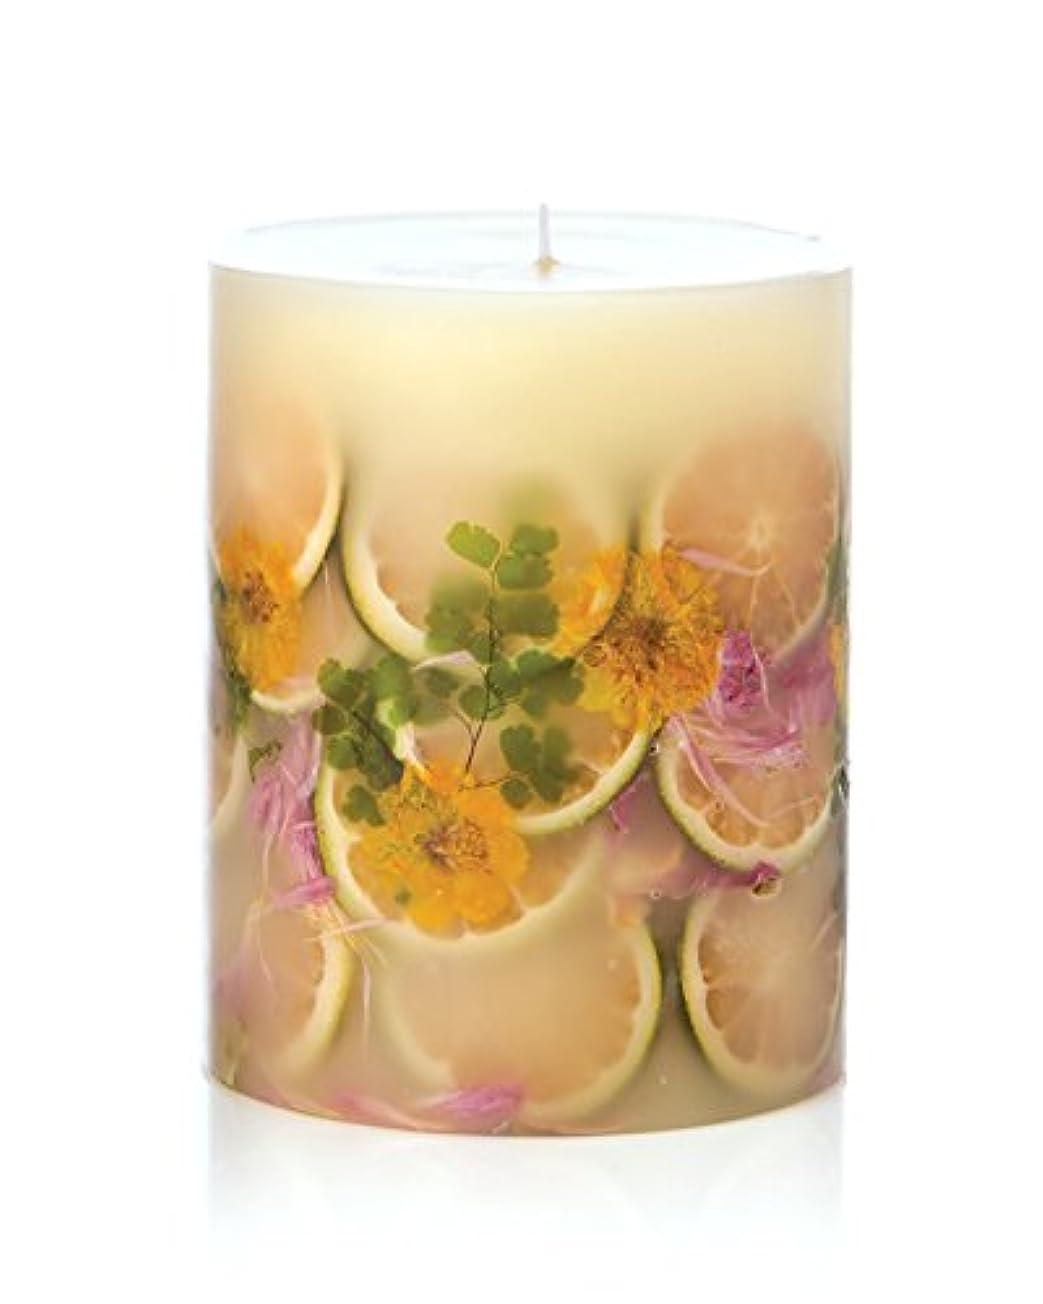 豆変位コンパニオンロージーリングス ボタニカルキャンドル ラウンド レモンブロッサム&ライチ ROSY RINGS Round Botanical Candle Round – Lemon Blossom & Lychee